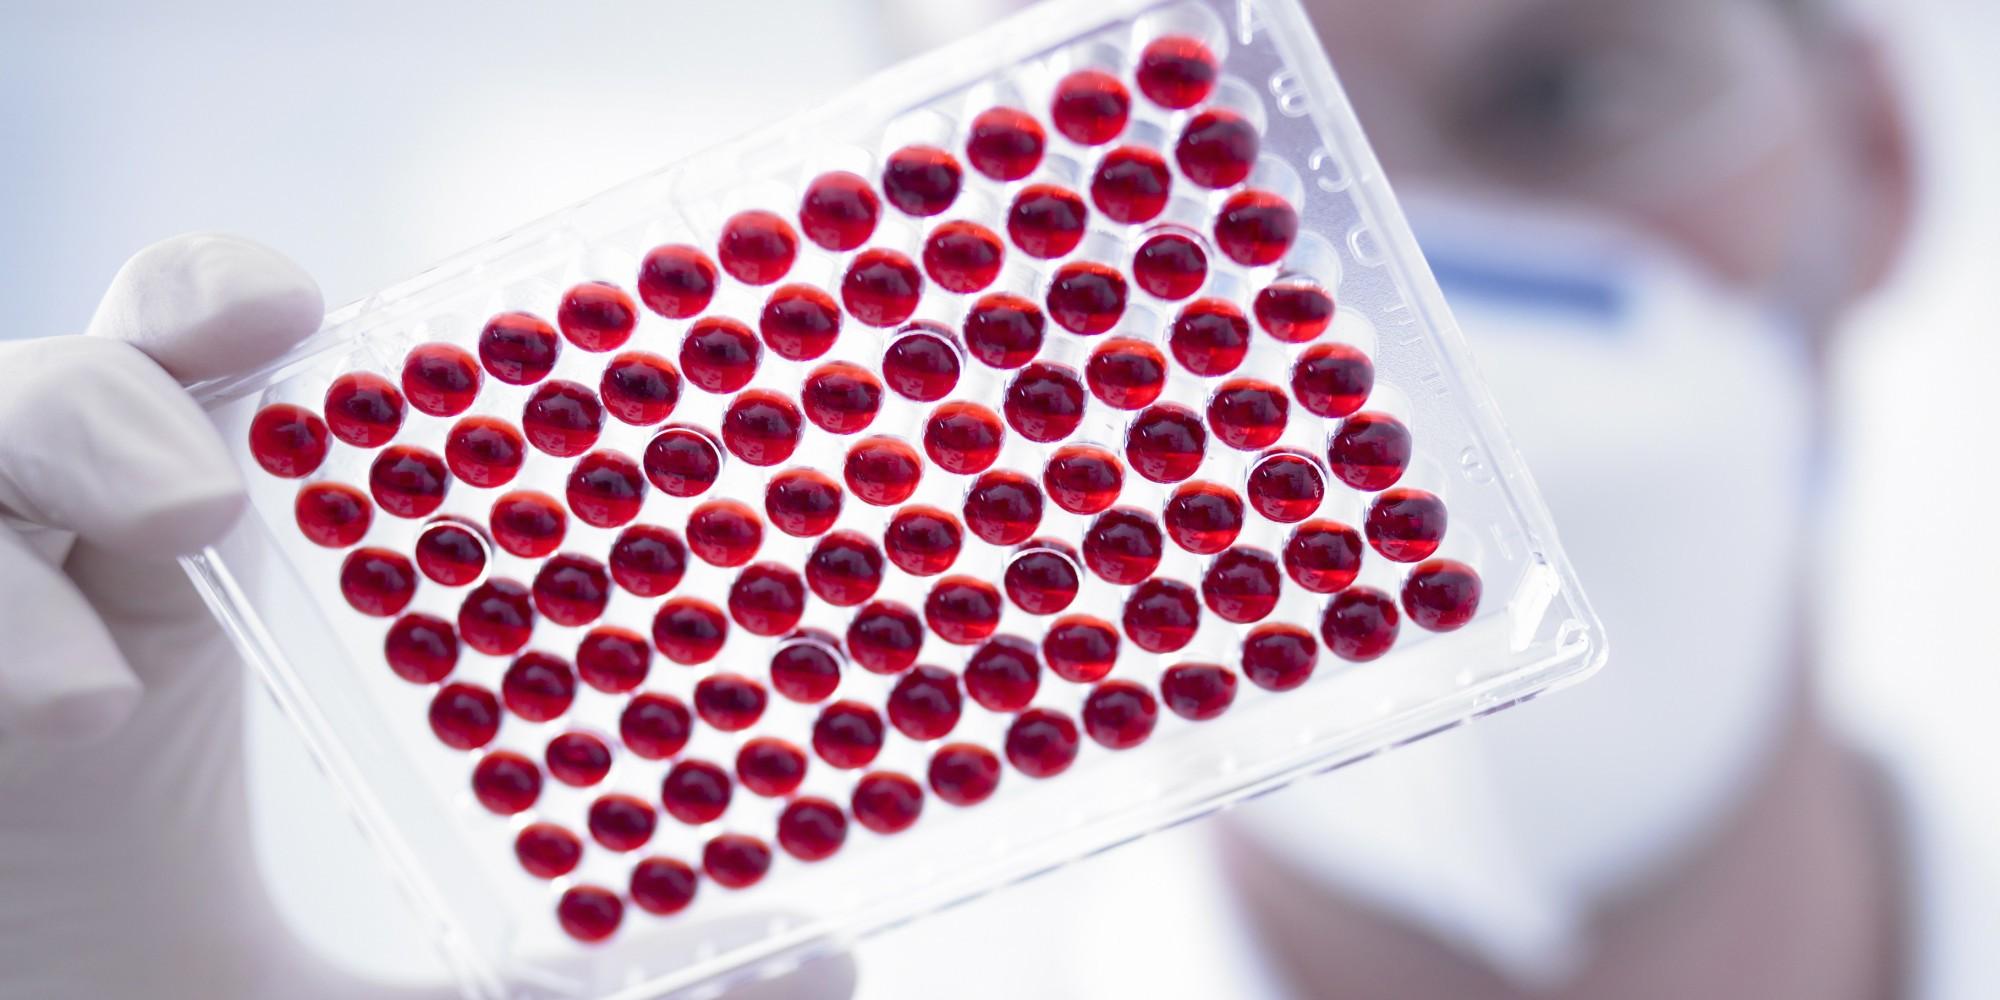 Определить продолжительность жизни человека можно по его крови